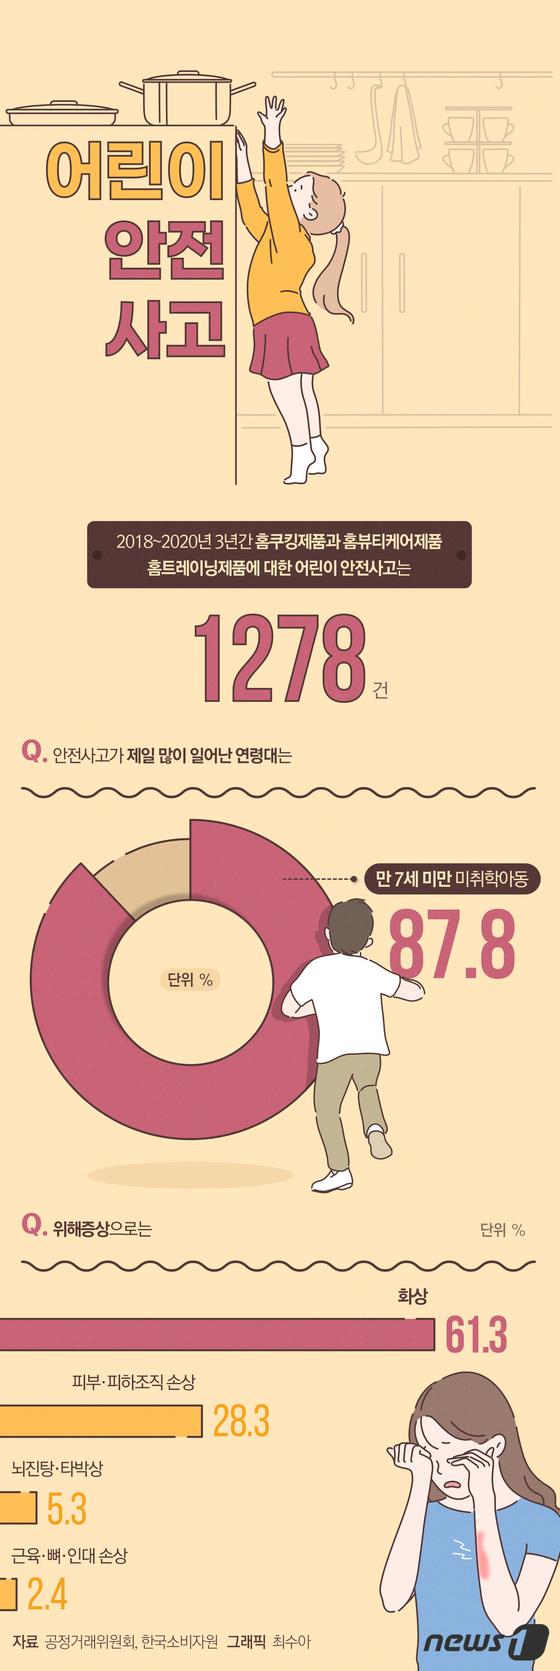 [그래픽뉴스] 어린이 집안 안전사고, 최다는?